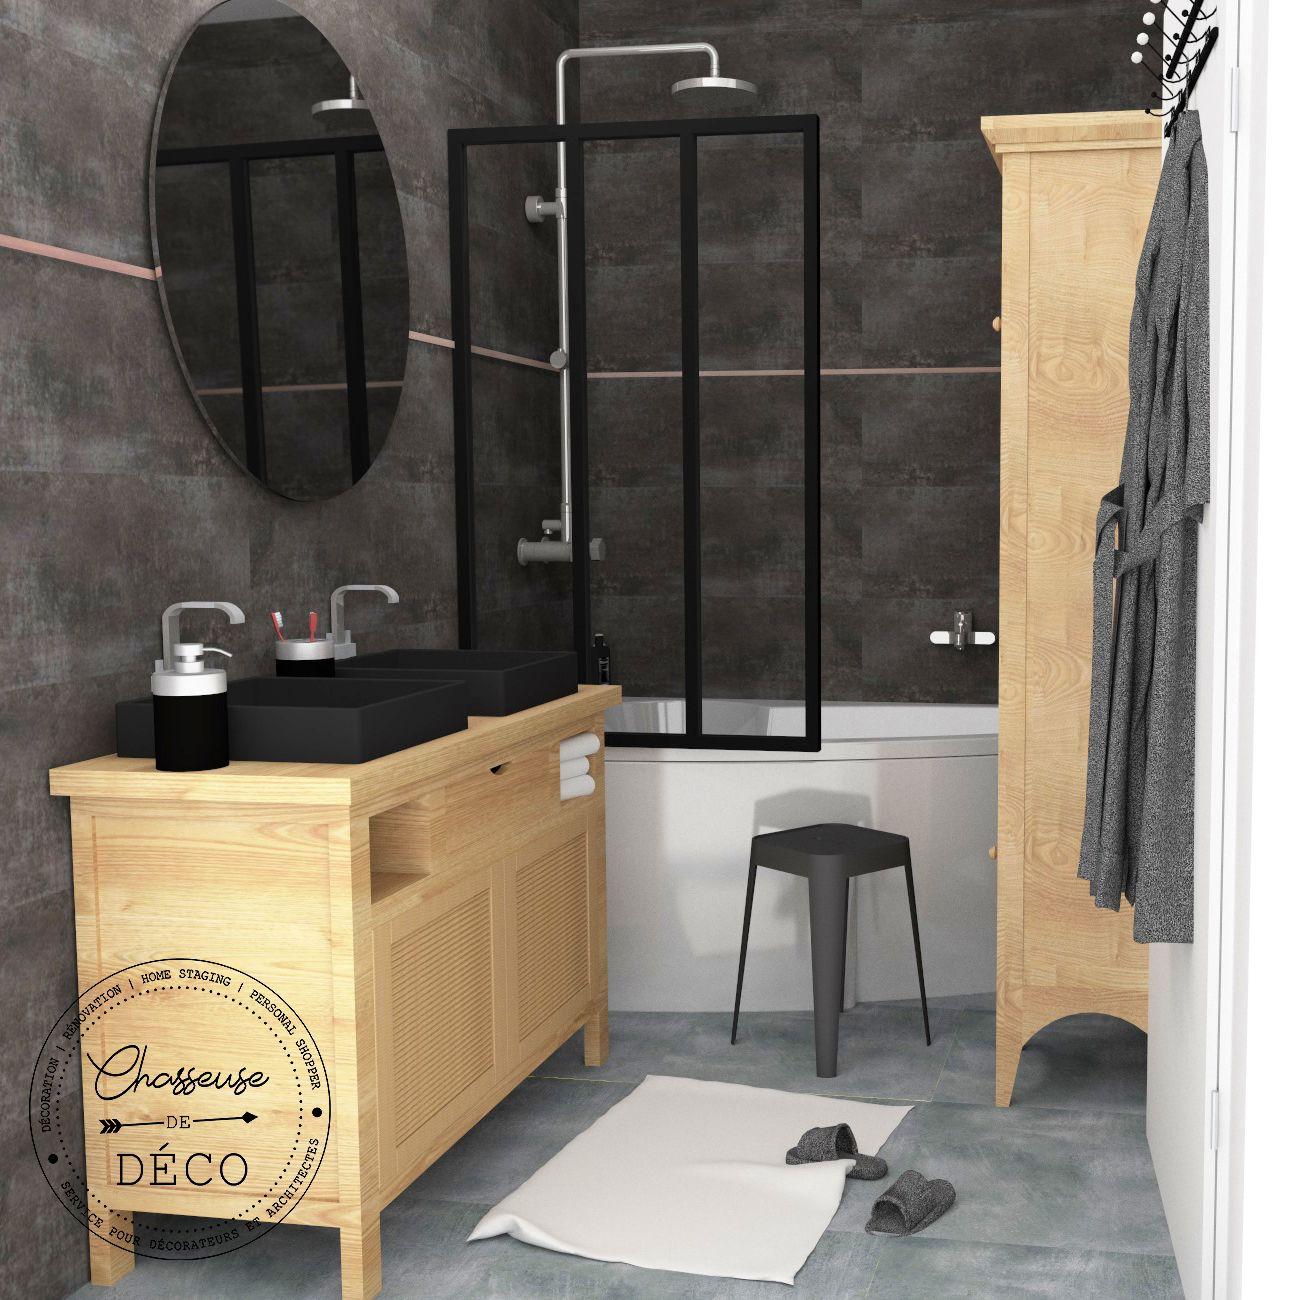 Appartement à Eze (Alpes-Maritimes) Une petite salle de bain